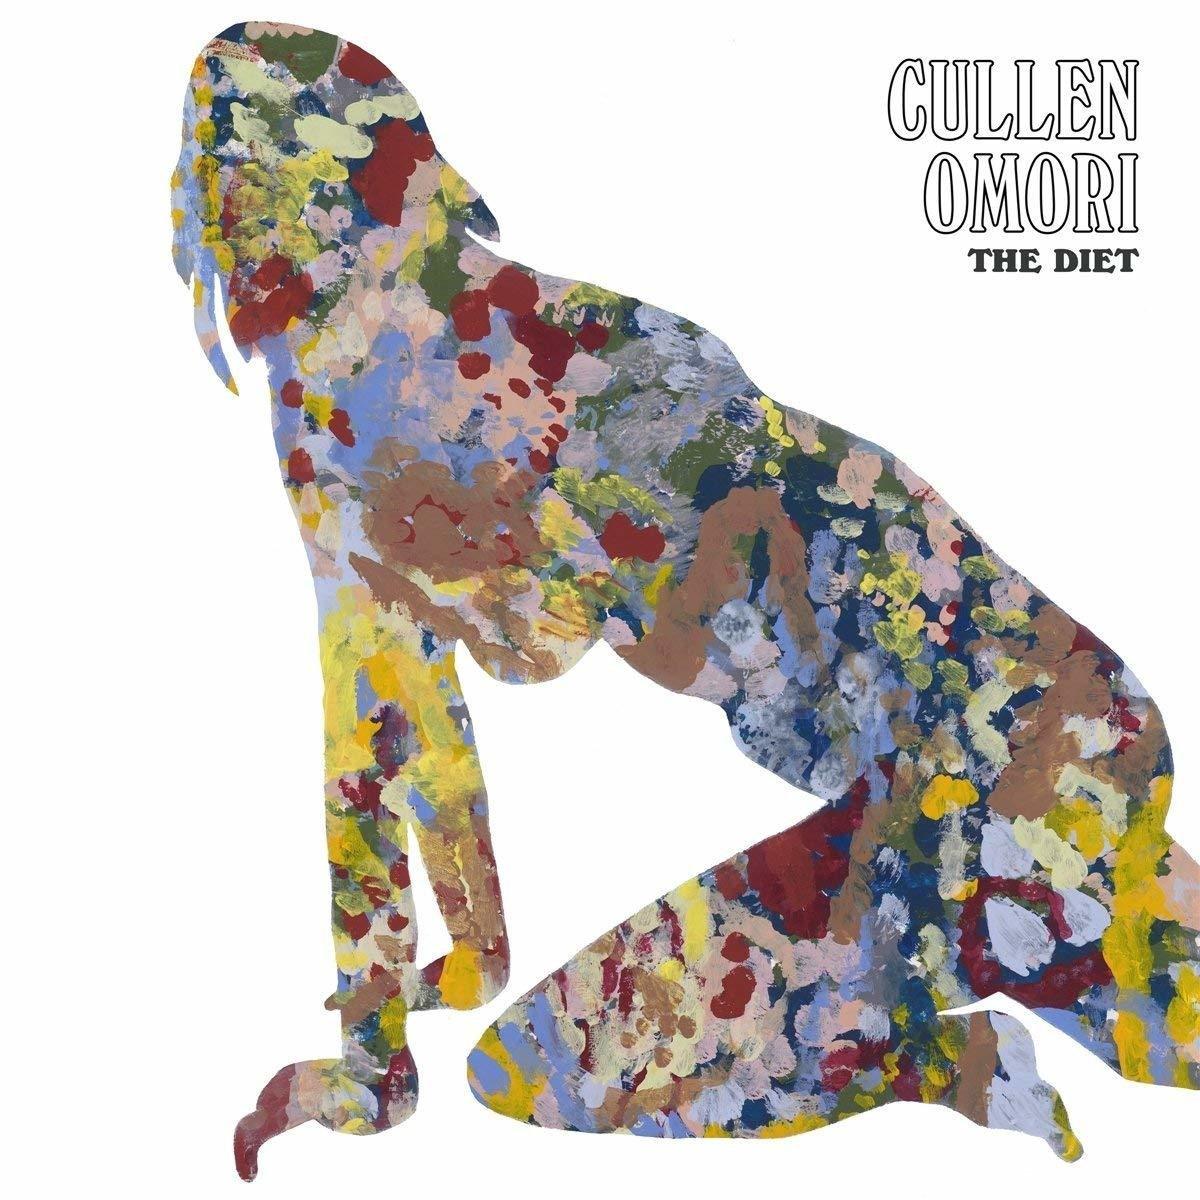 Cassette : Cullen Omori - Diet (Cassette)